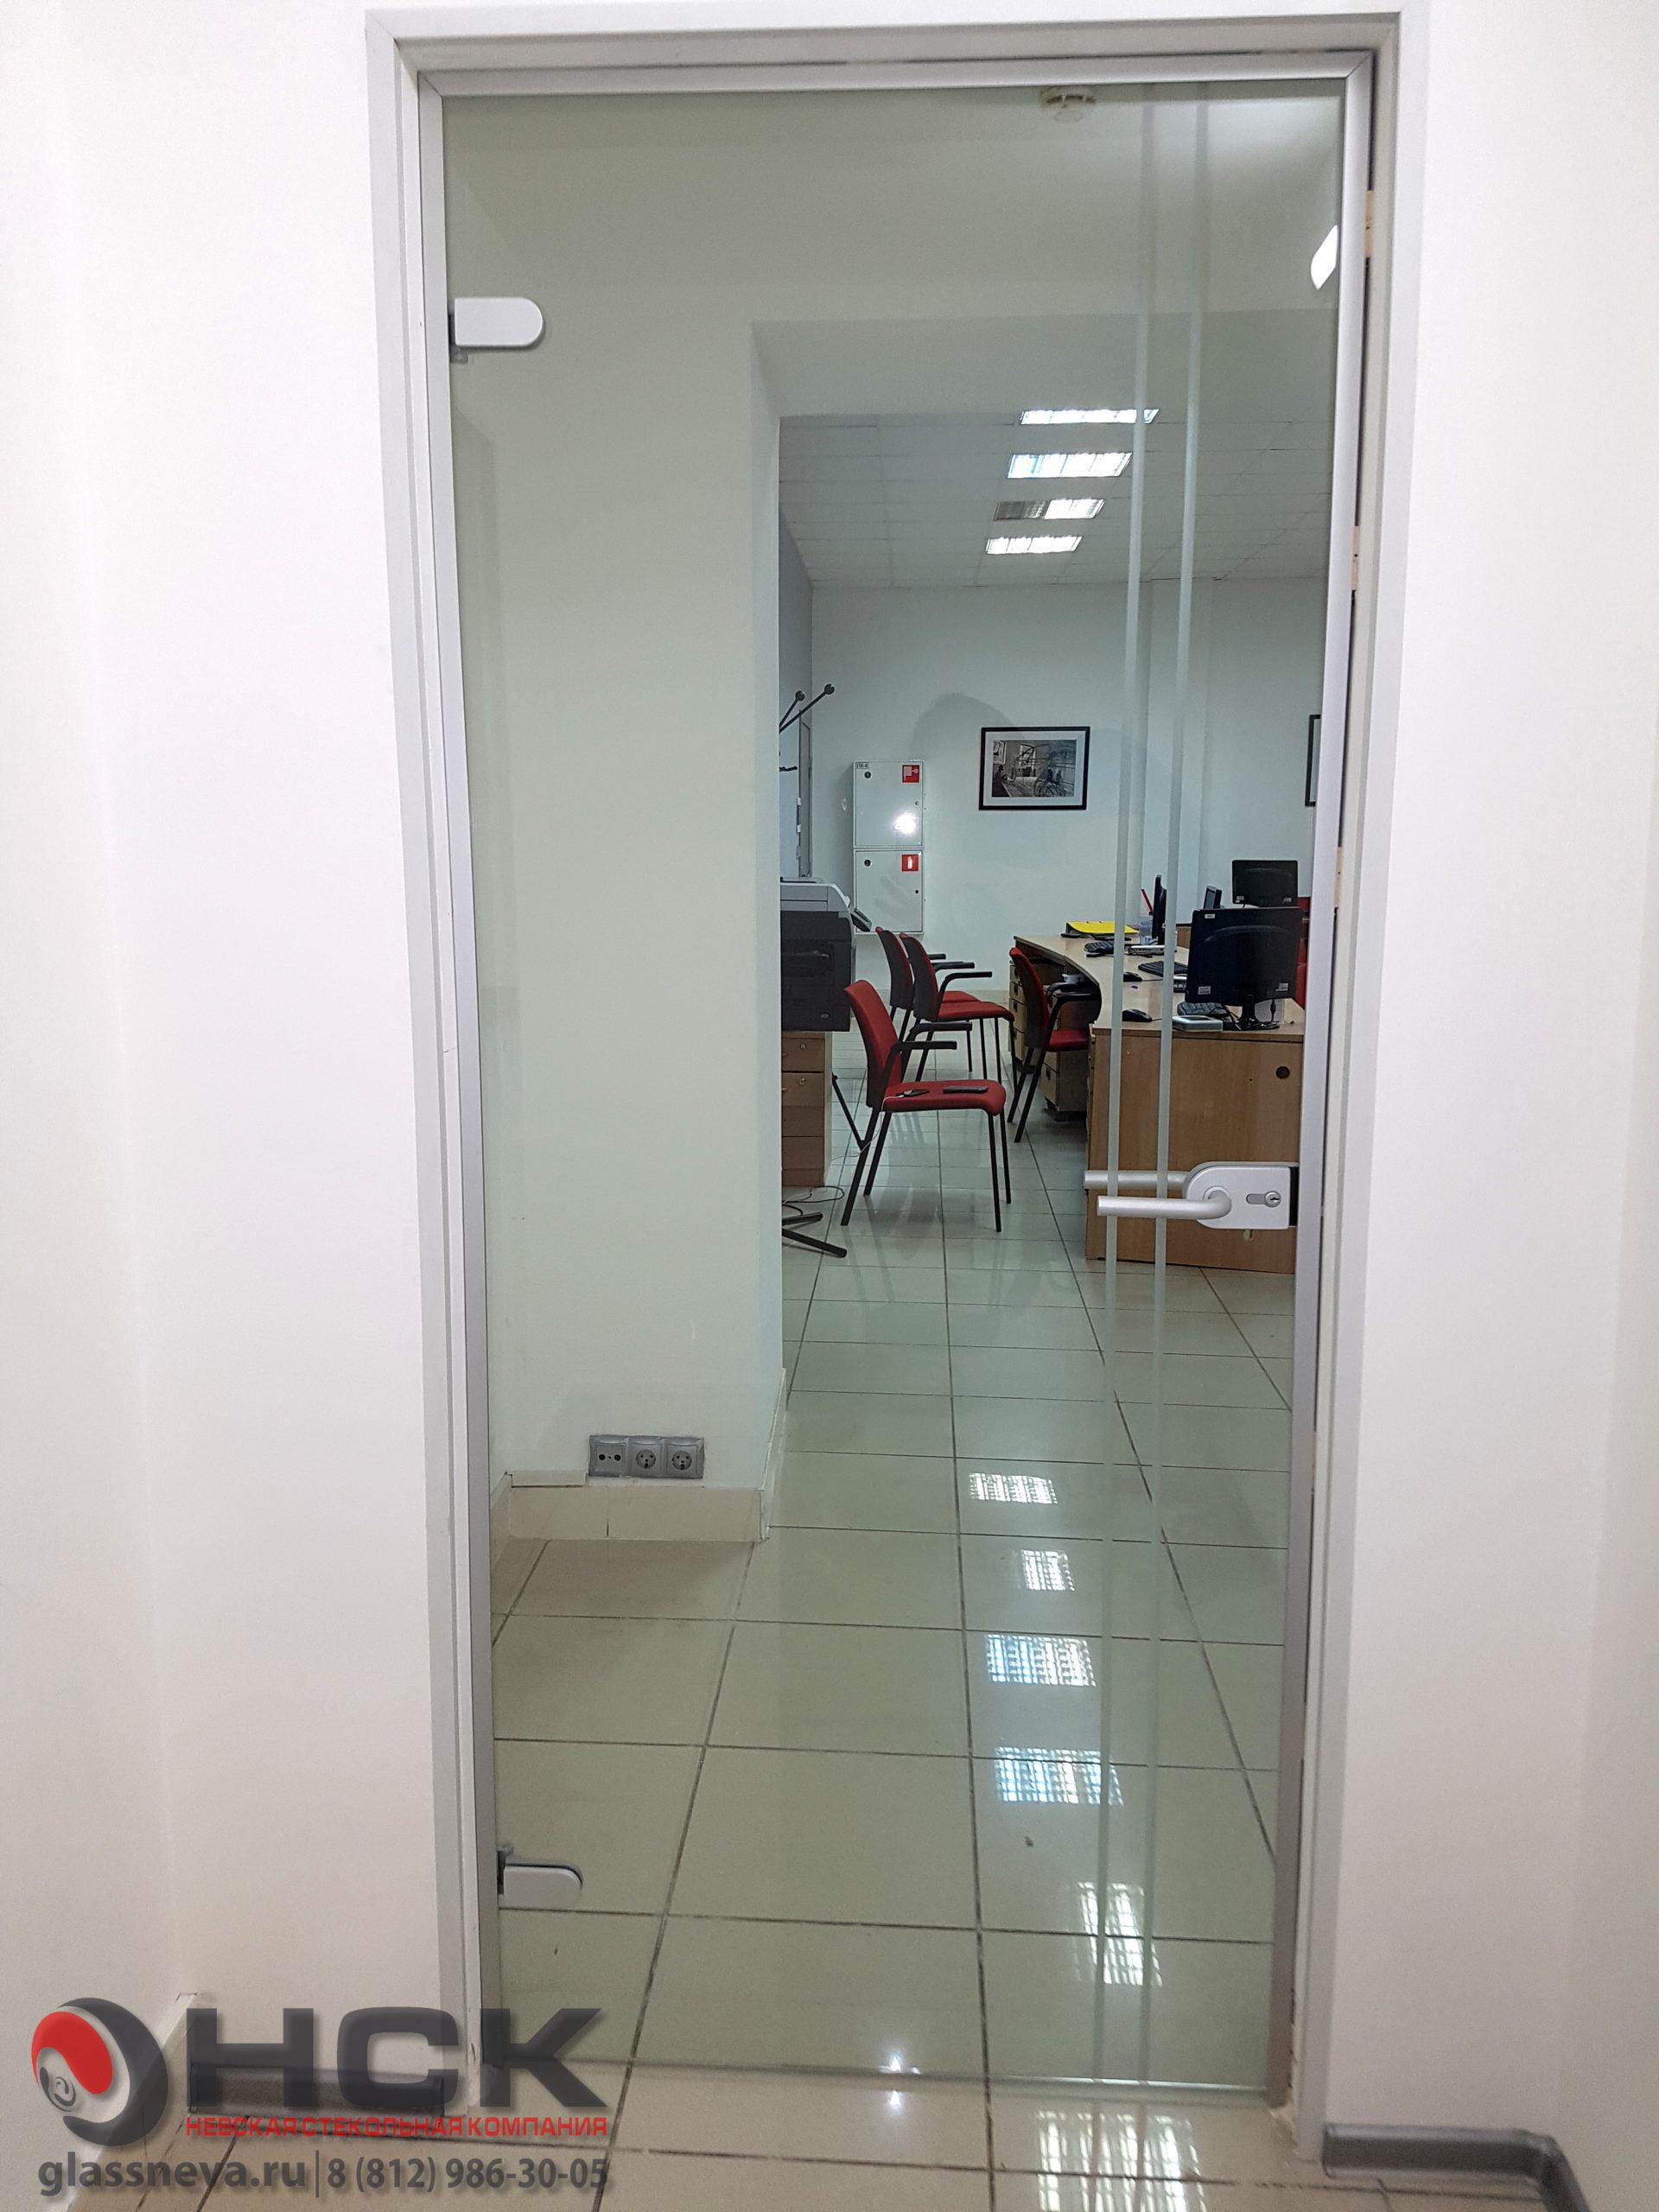 Стеклянная дверь с лазерной гравировкой